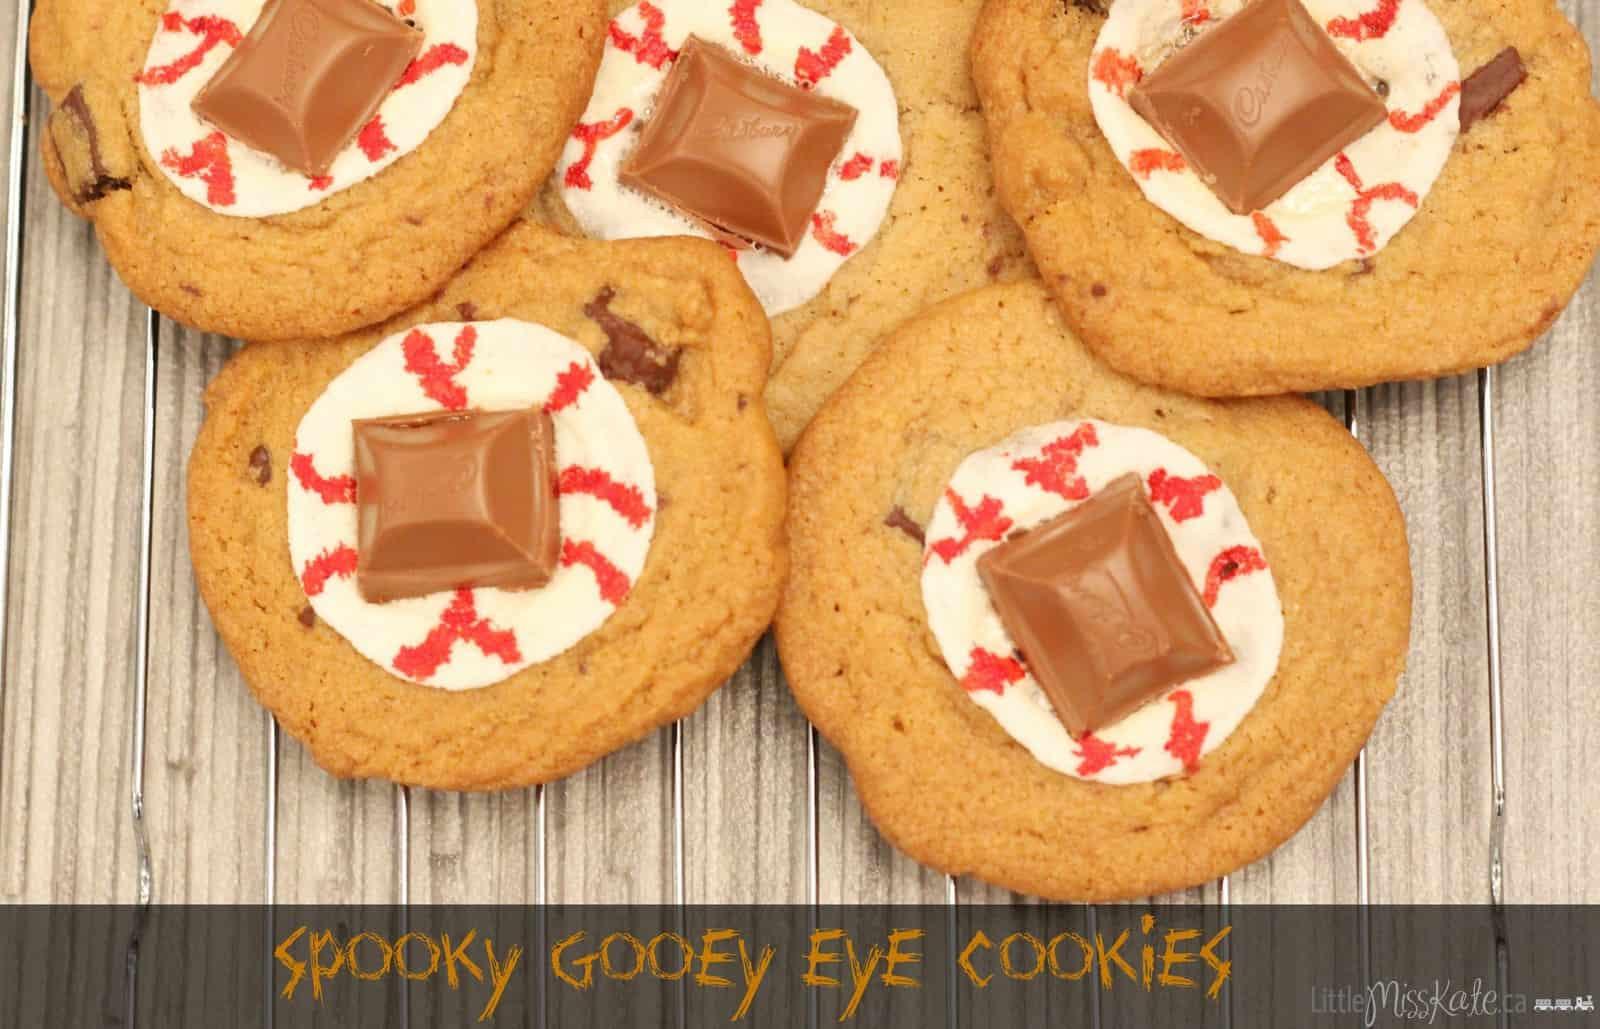 Spooky Halloween Desserts  Halloween Dessert Recipe Spooky Gooey Eye Cookies